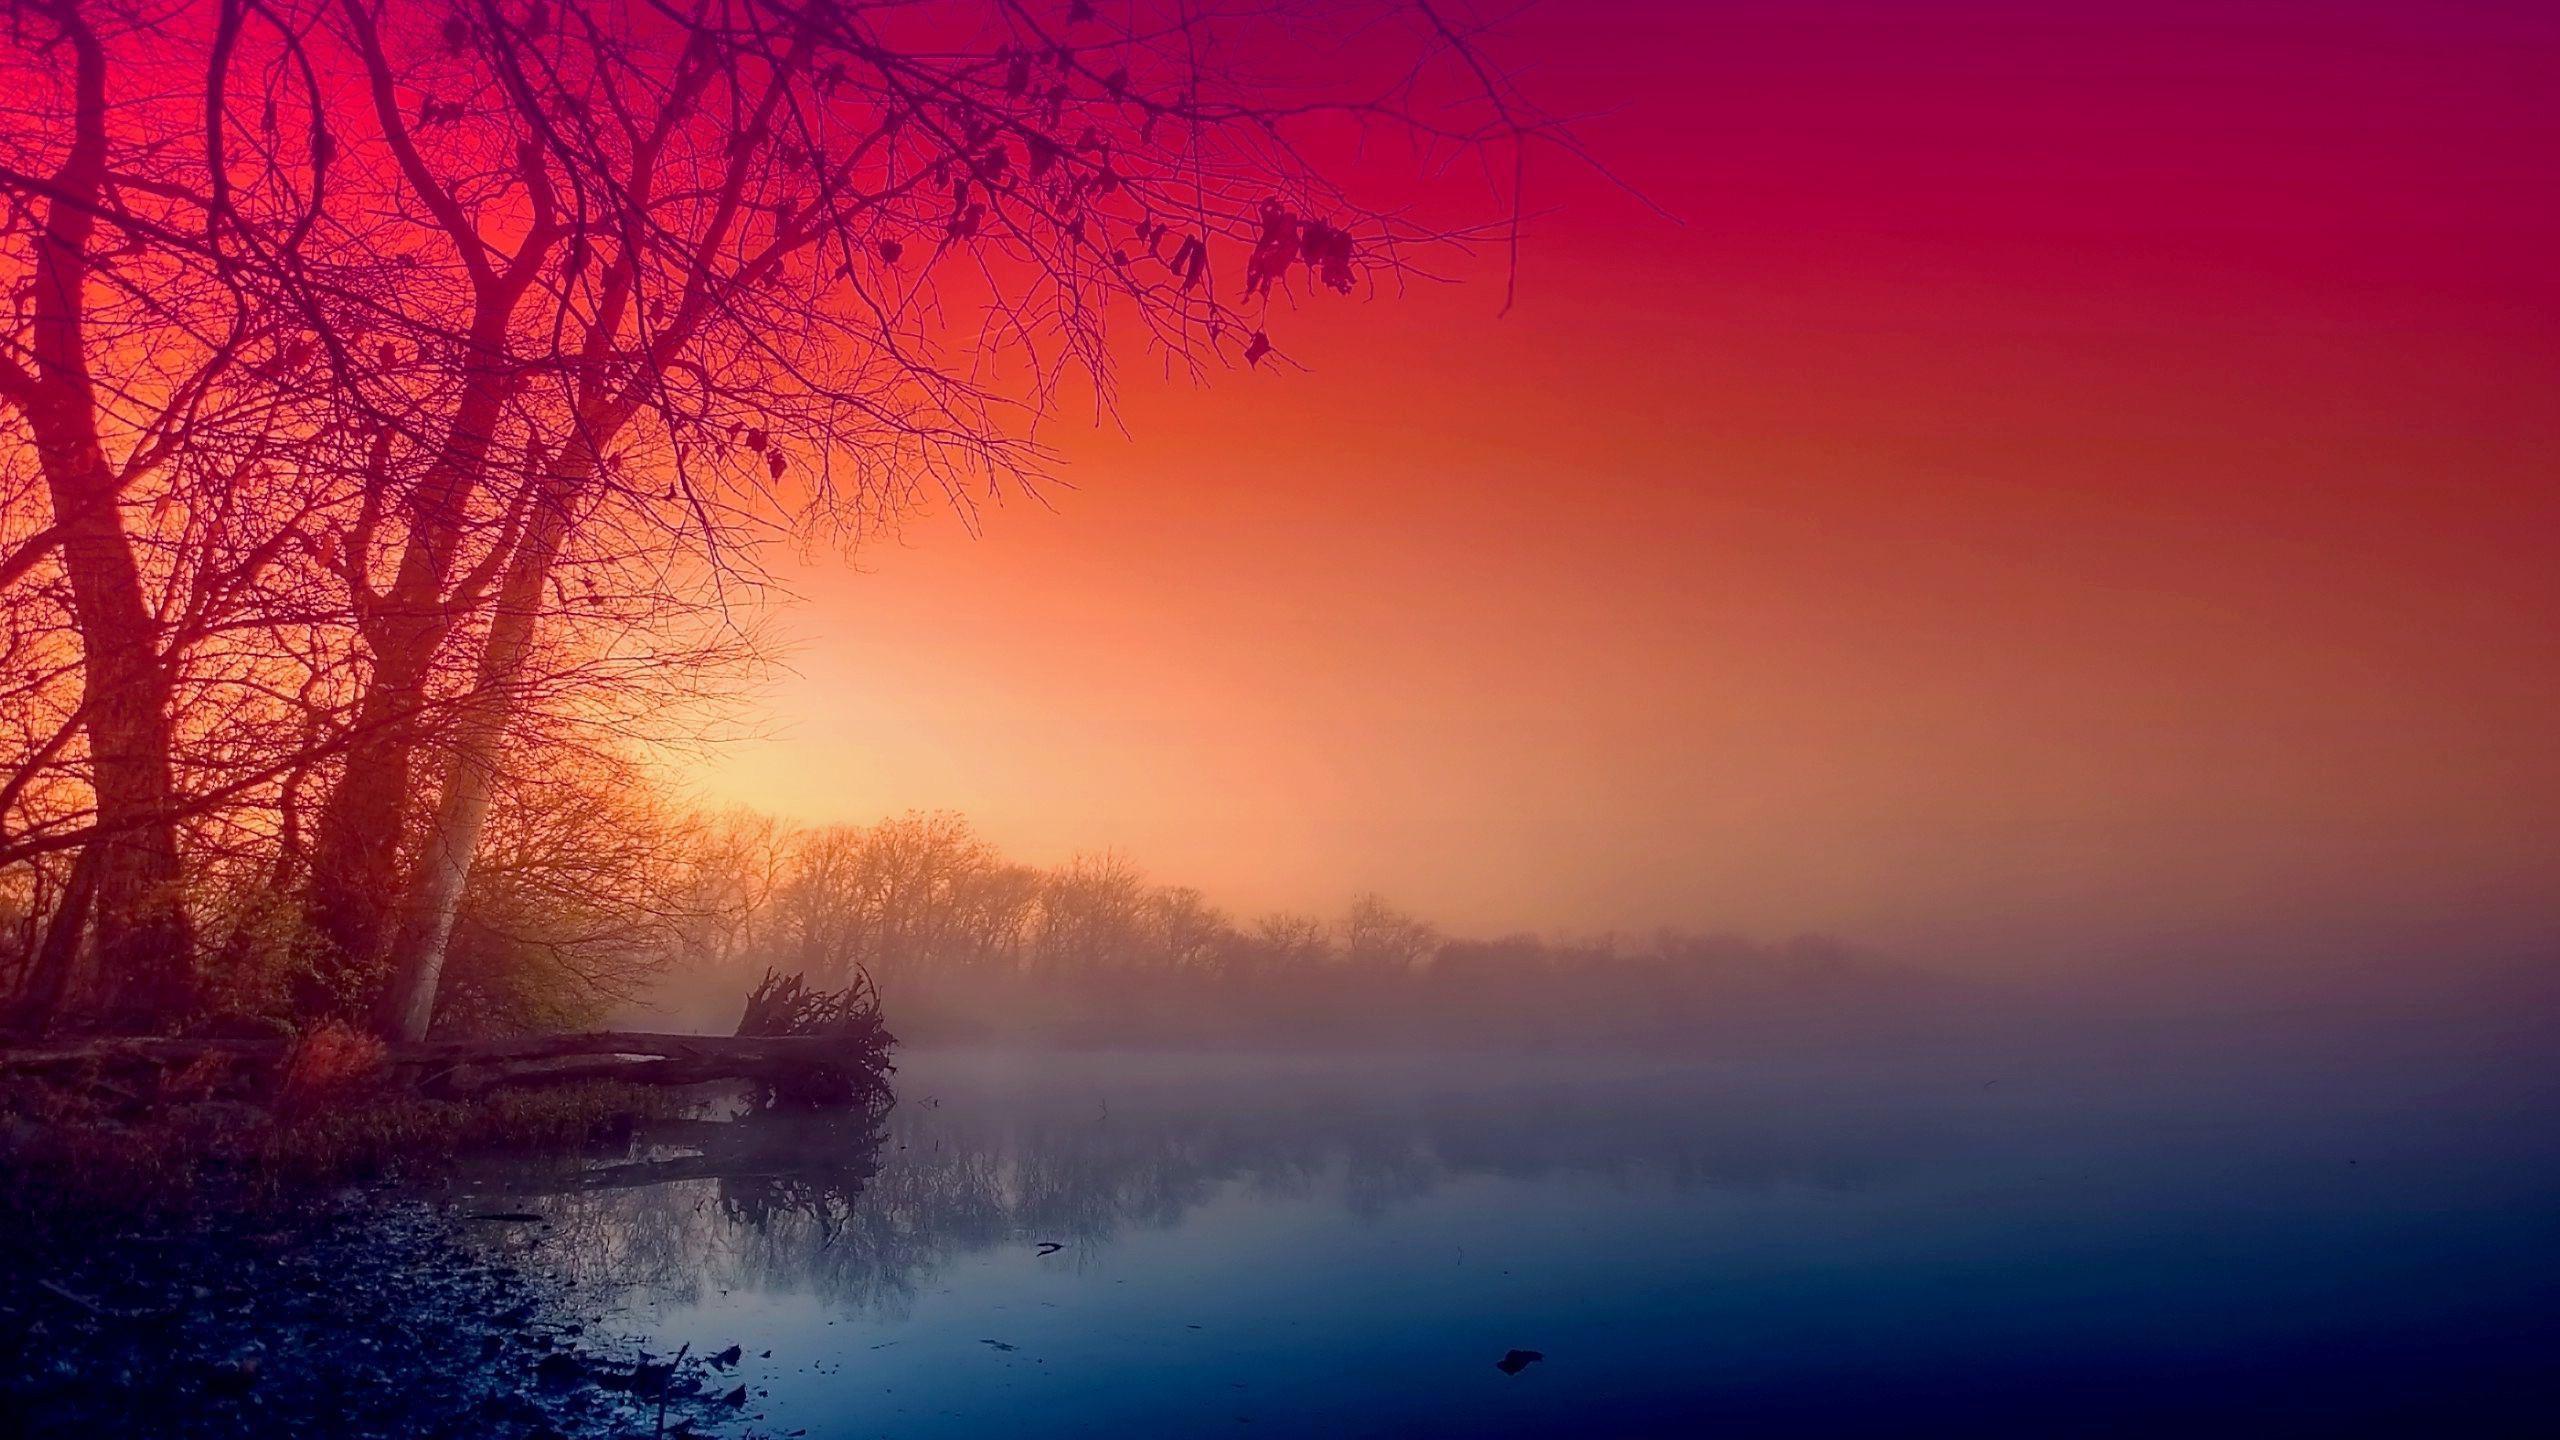 Beautiful fog wallpaper 2560×1440.